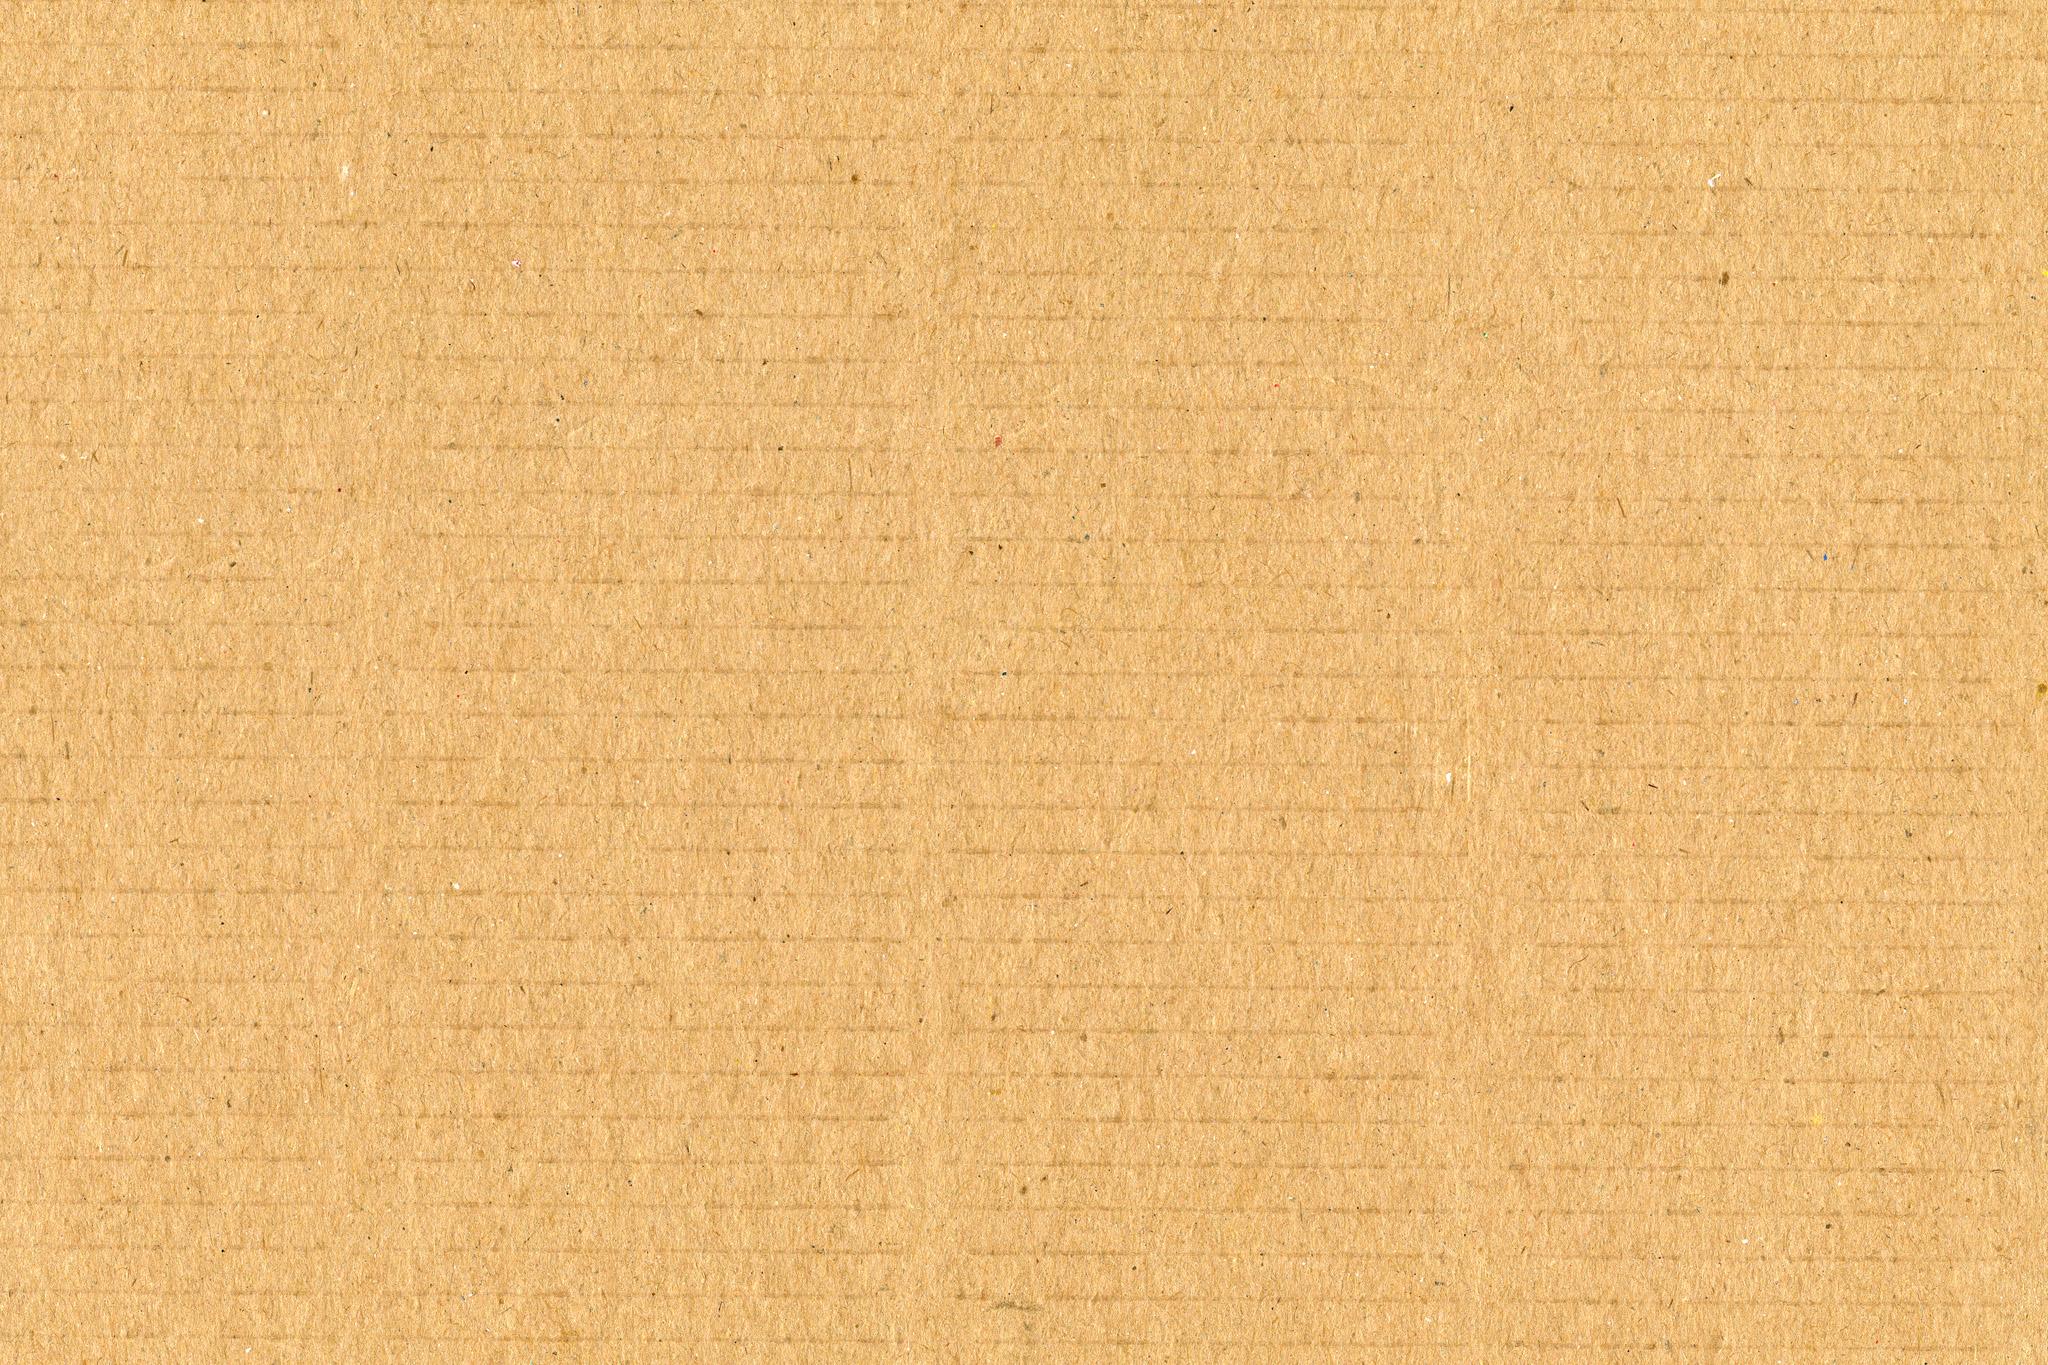 「ダンボールのテクスチャ素材」の素材を無料ダウンロード